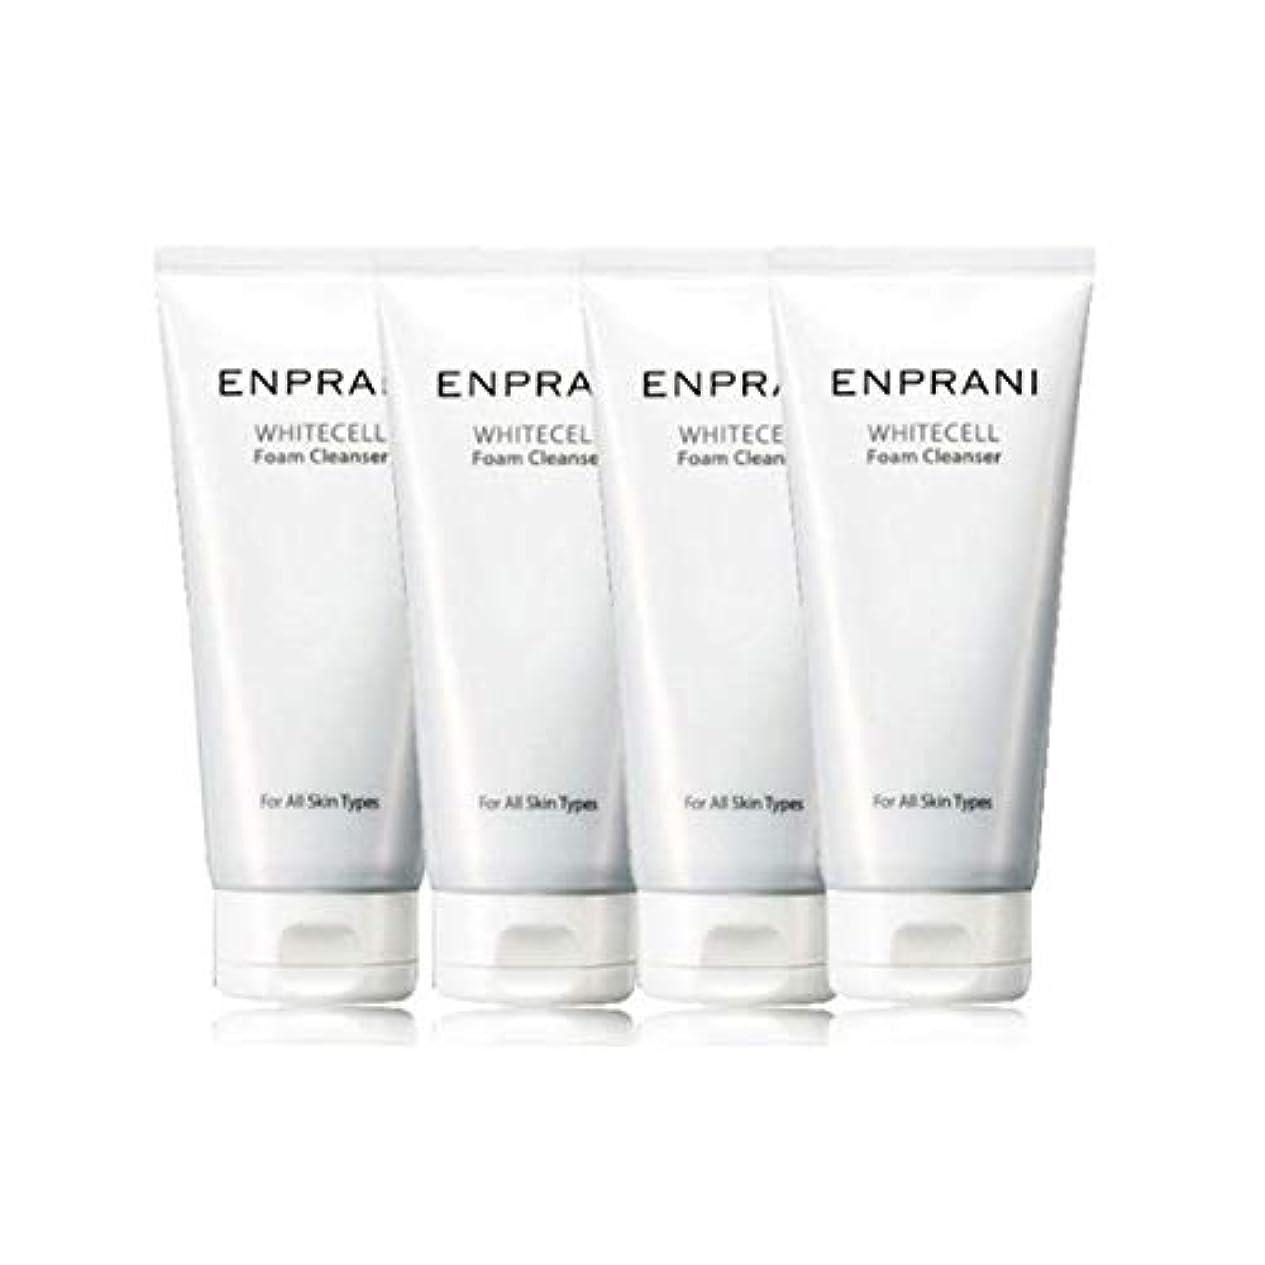 熟達したへこみコーンエンプラニホワイトセル、フォームクレンザー100mlx 4本セット毛穴洗浄 皮膚管理、Enprani White Cell Foam Cleanser 100mlx 4ea Set Pore Cleaning Skin...